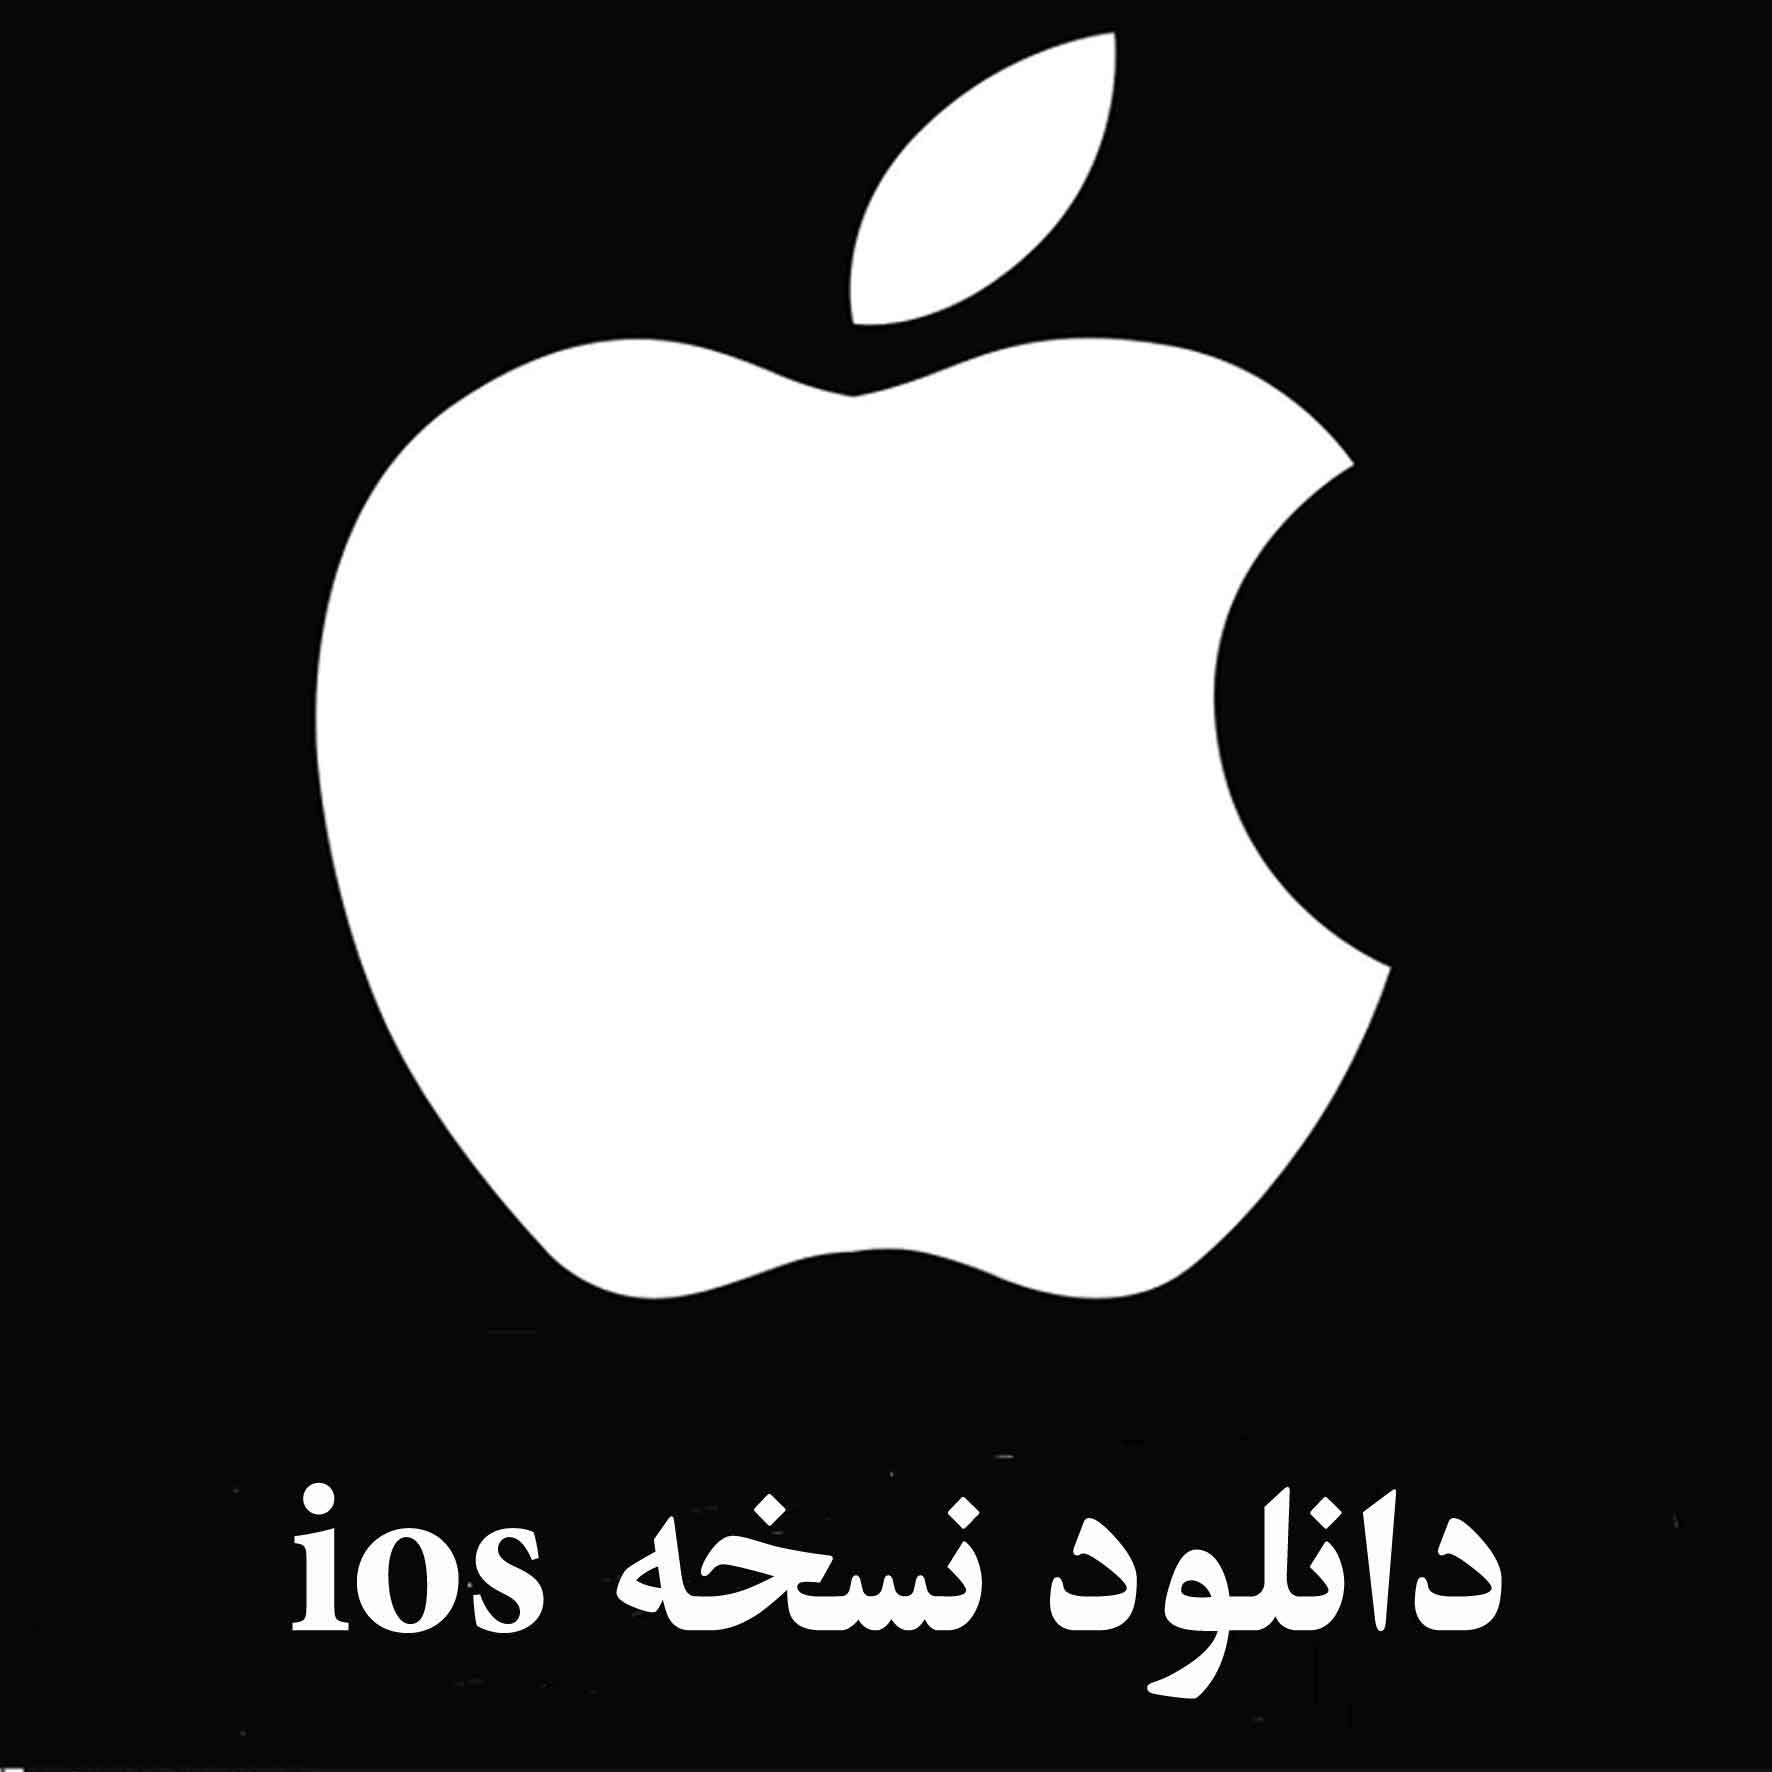 دانلود نسخه ios فندک مارکت - فروشگاه اینترنتی فندک مارکت